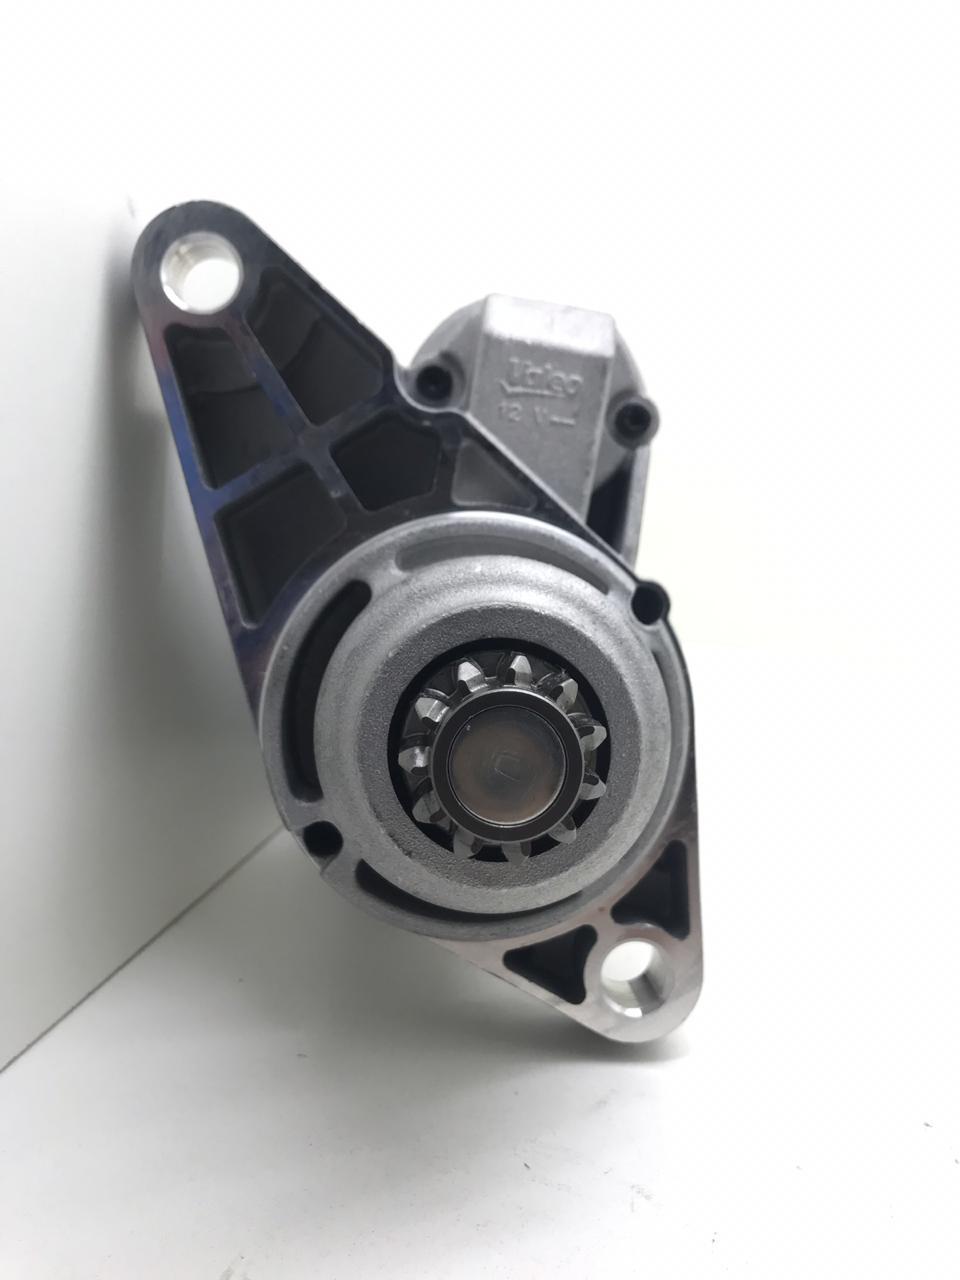 Motor de Arranque Gol G5 G6 1.0 e 1.6 Golf 1.6 VALEO ORIGINAL 495107, Tsc10r7, D7ES6, 02T911021E, 02T911023Q, Va495107, F000AL0402, F000CD08A0, F000AL0415, F000CD0800, 5Z0911023